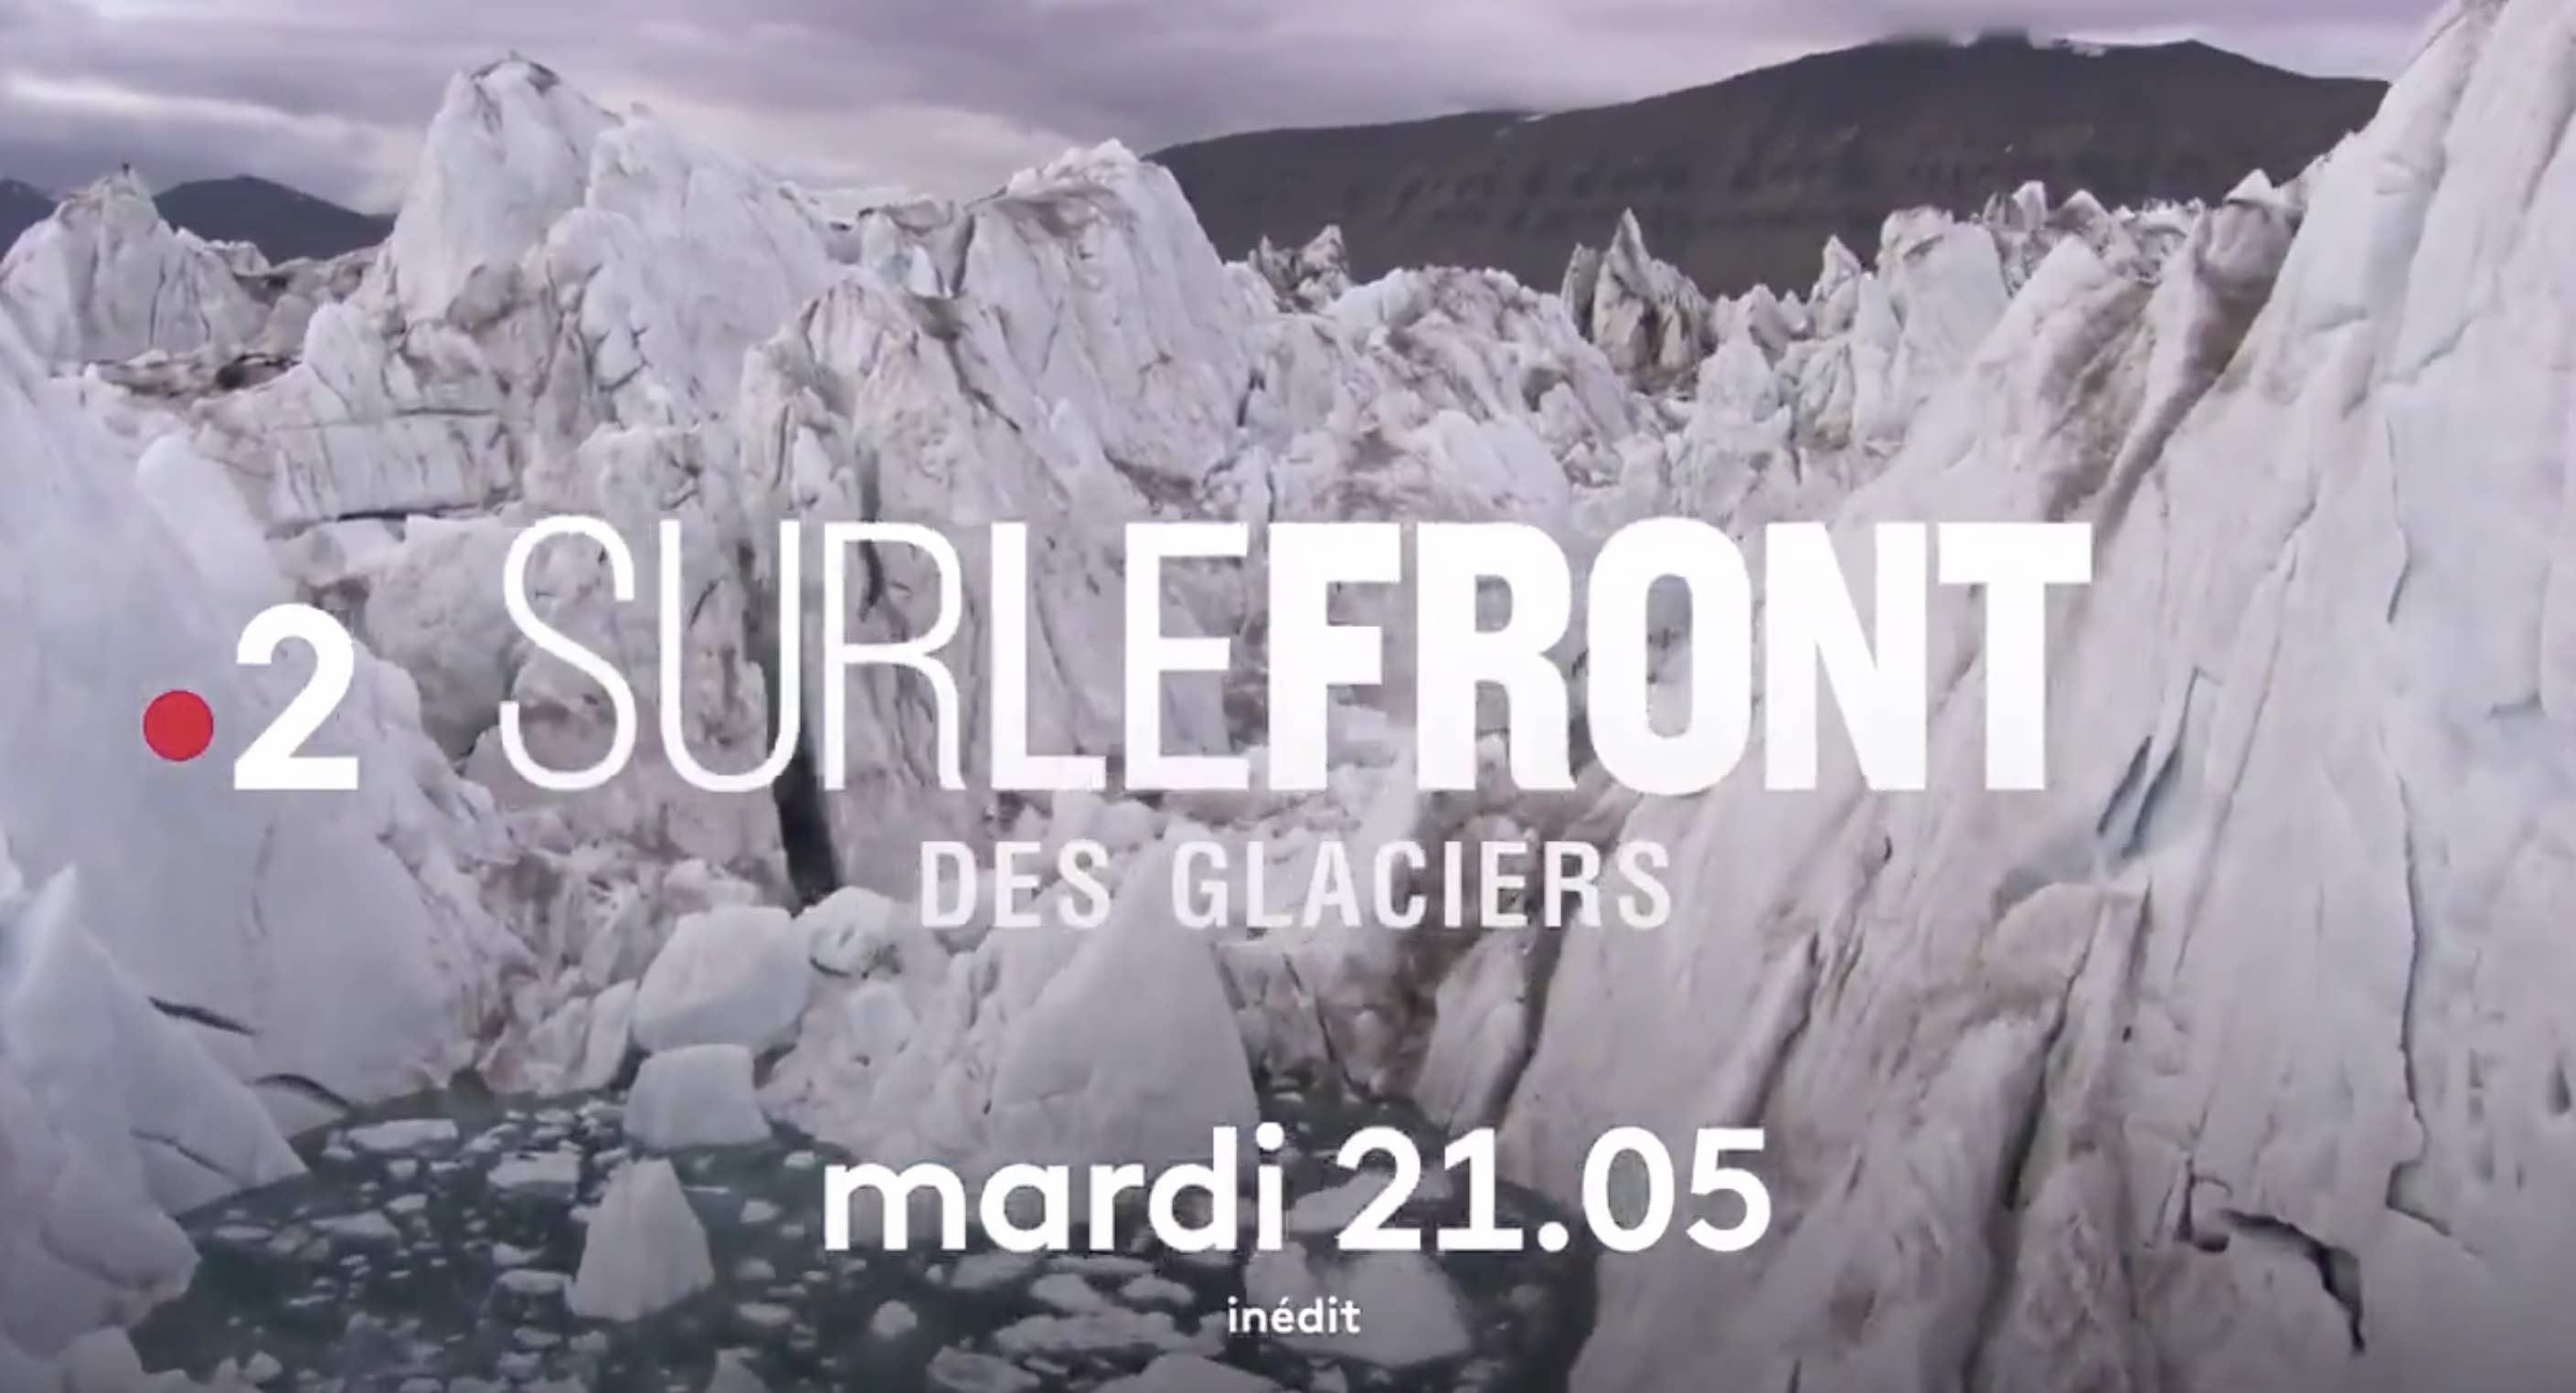 Sur le front des glaciers - sur le front - France 2 - Hugo Clément